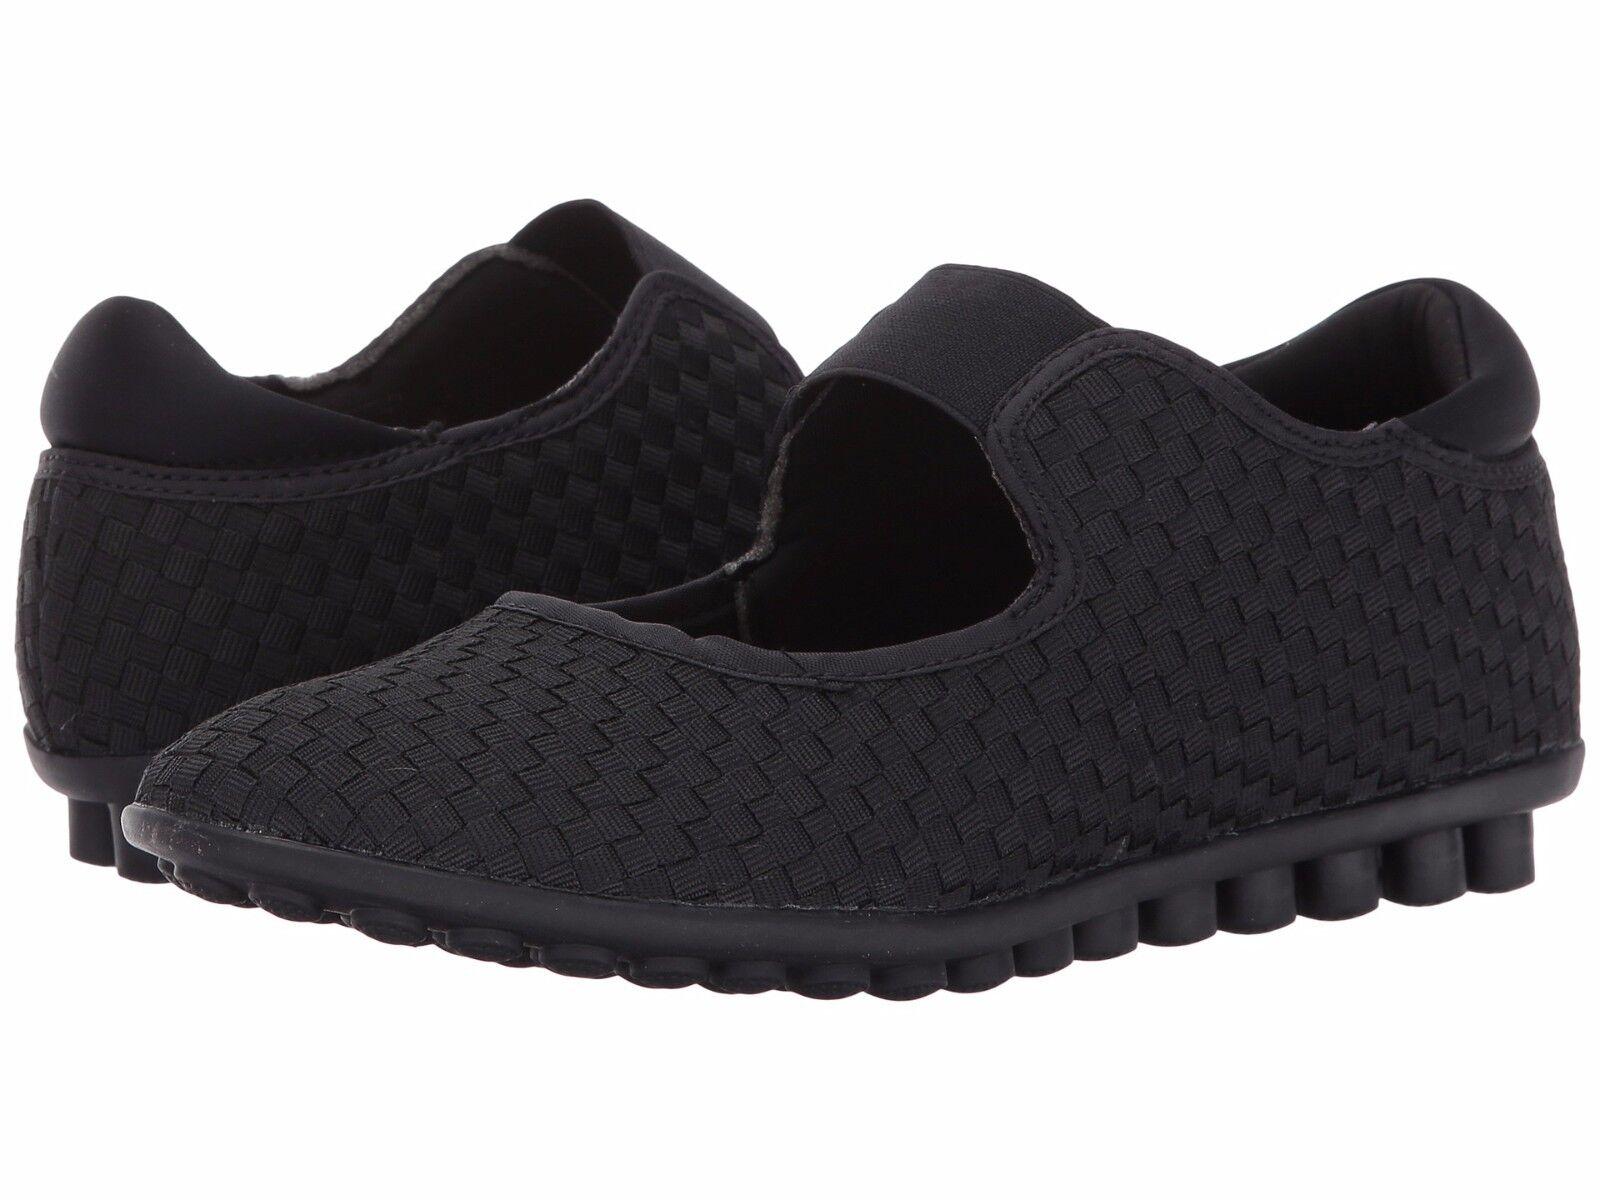 Chaussures Femmes Bernie Mev Kendra entrelacé Élastique Plat Noir  NEUF